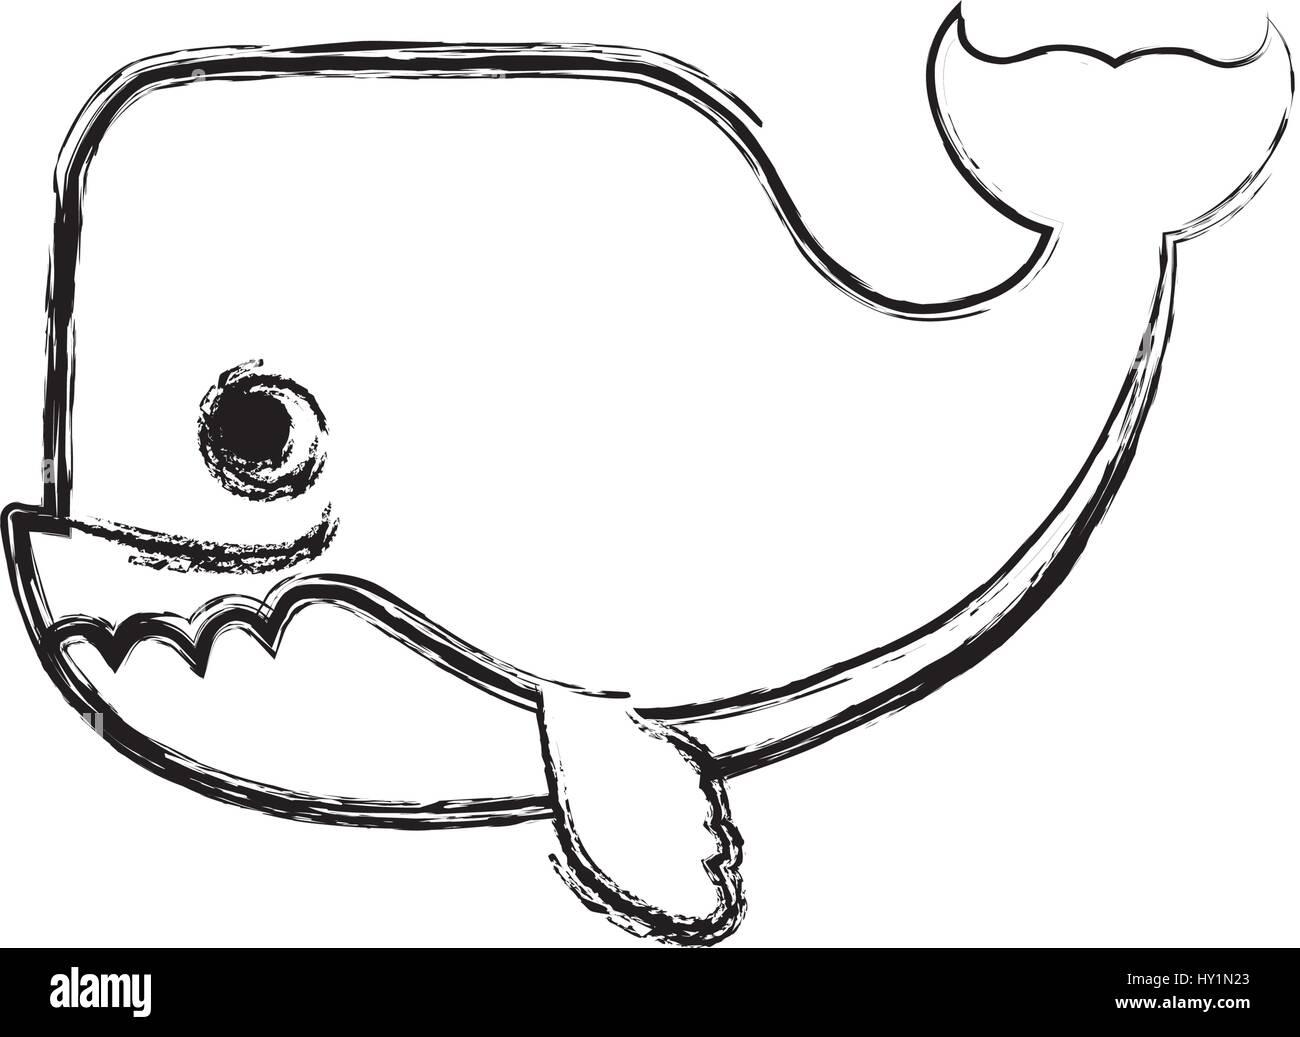 Coloriage Queue De Baleine.Animaux De Dessin Anime Baleine Vecteurs Et Illustration Image